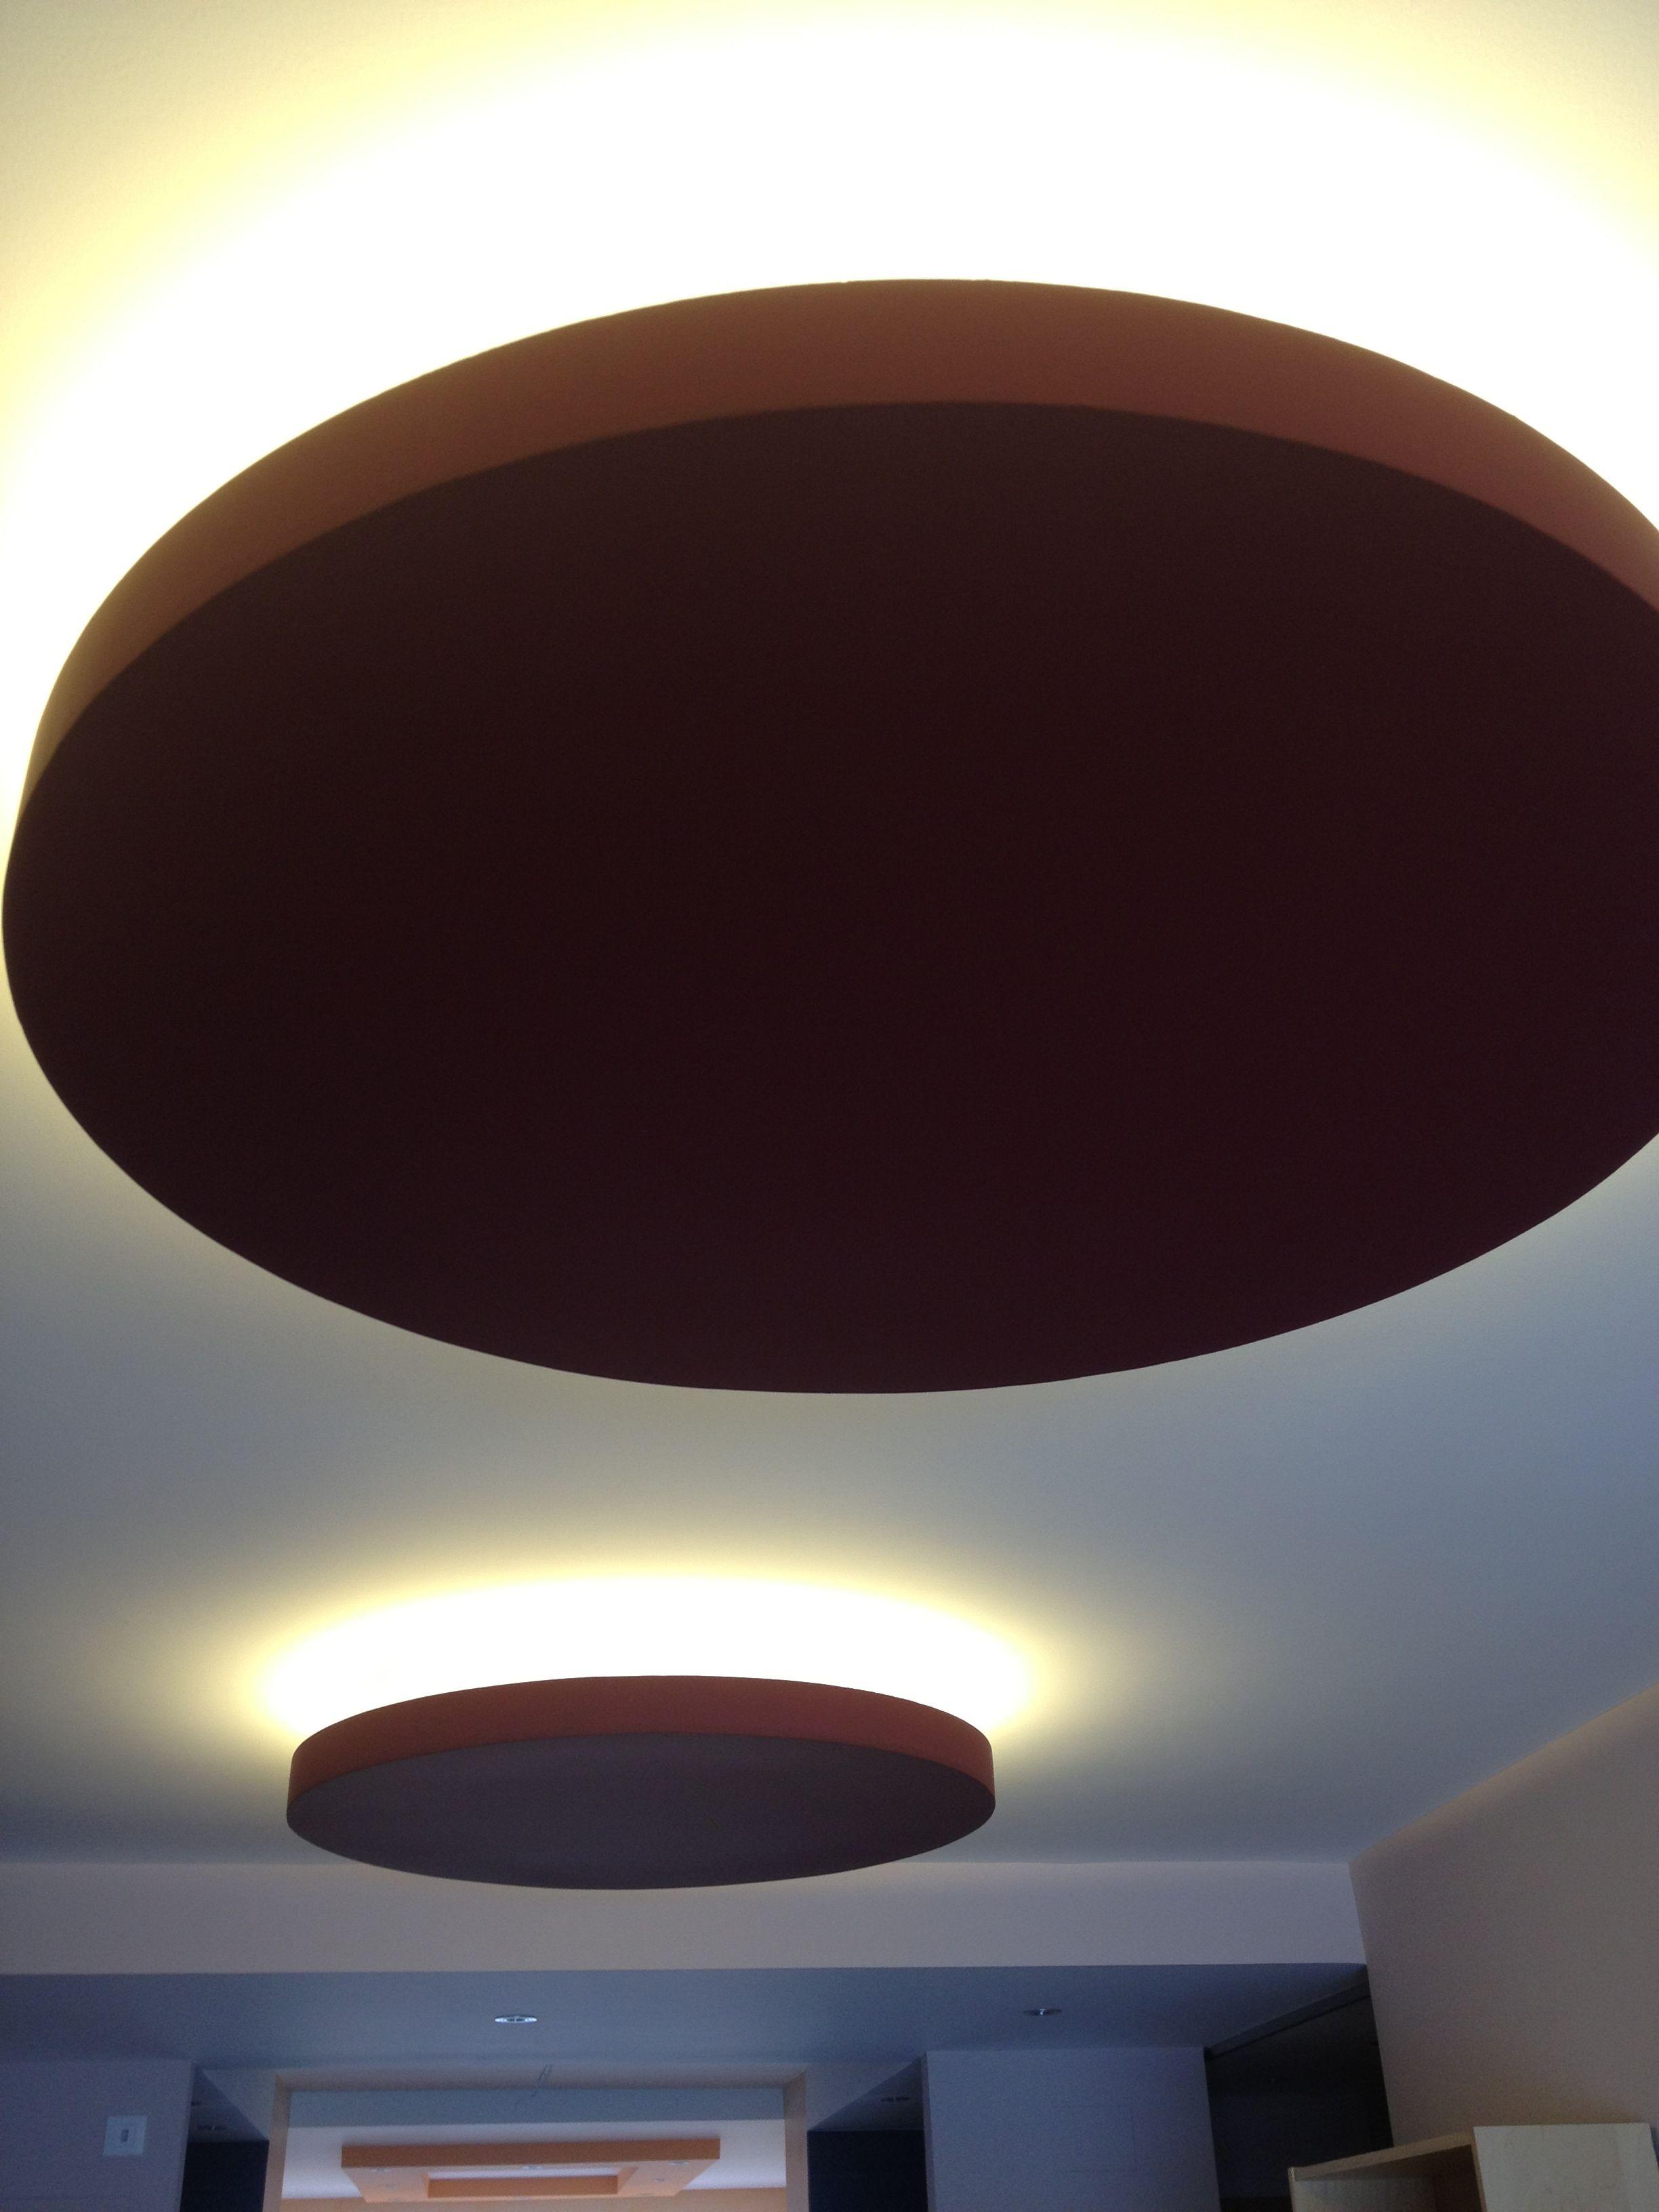 Tira de leds en techo bajado con forma circular luz indirecta home interior design - Luz indirecta techo ...